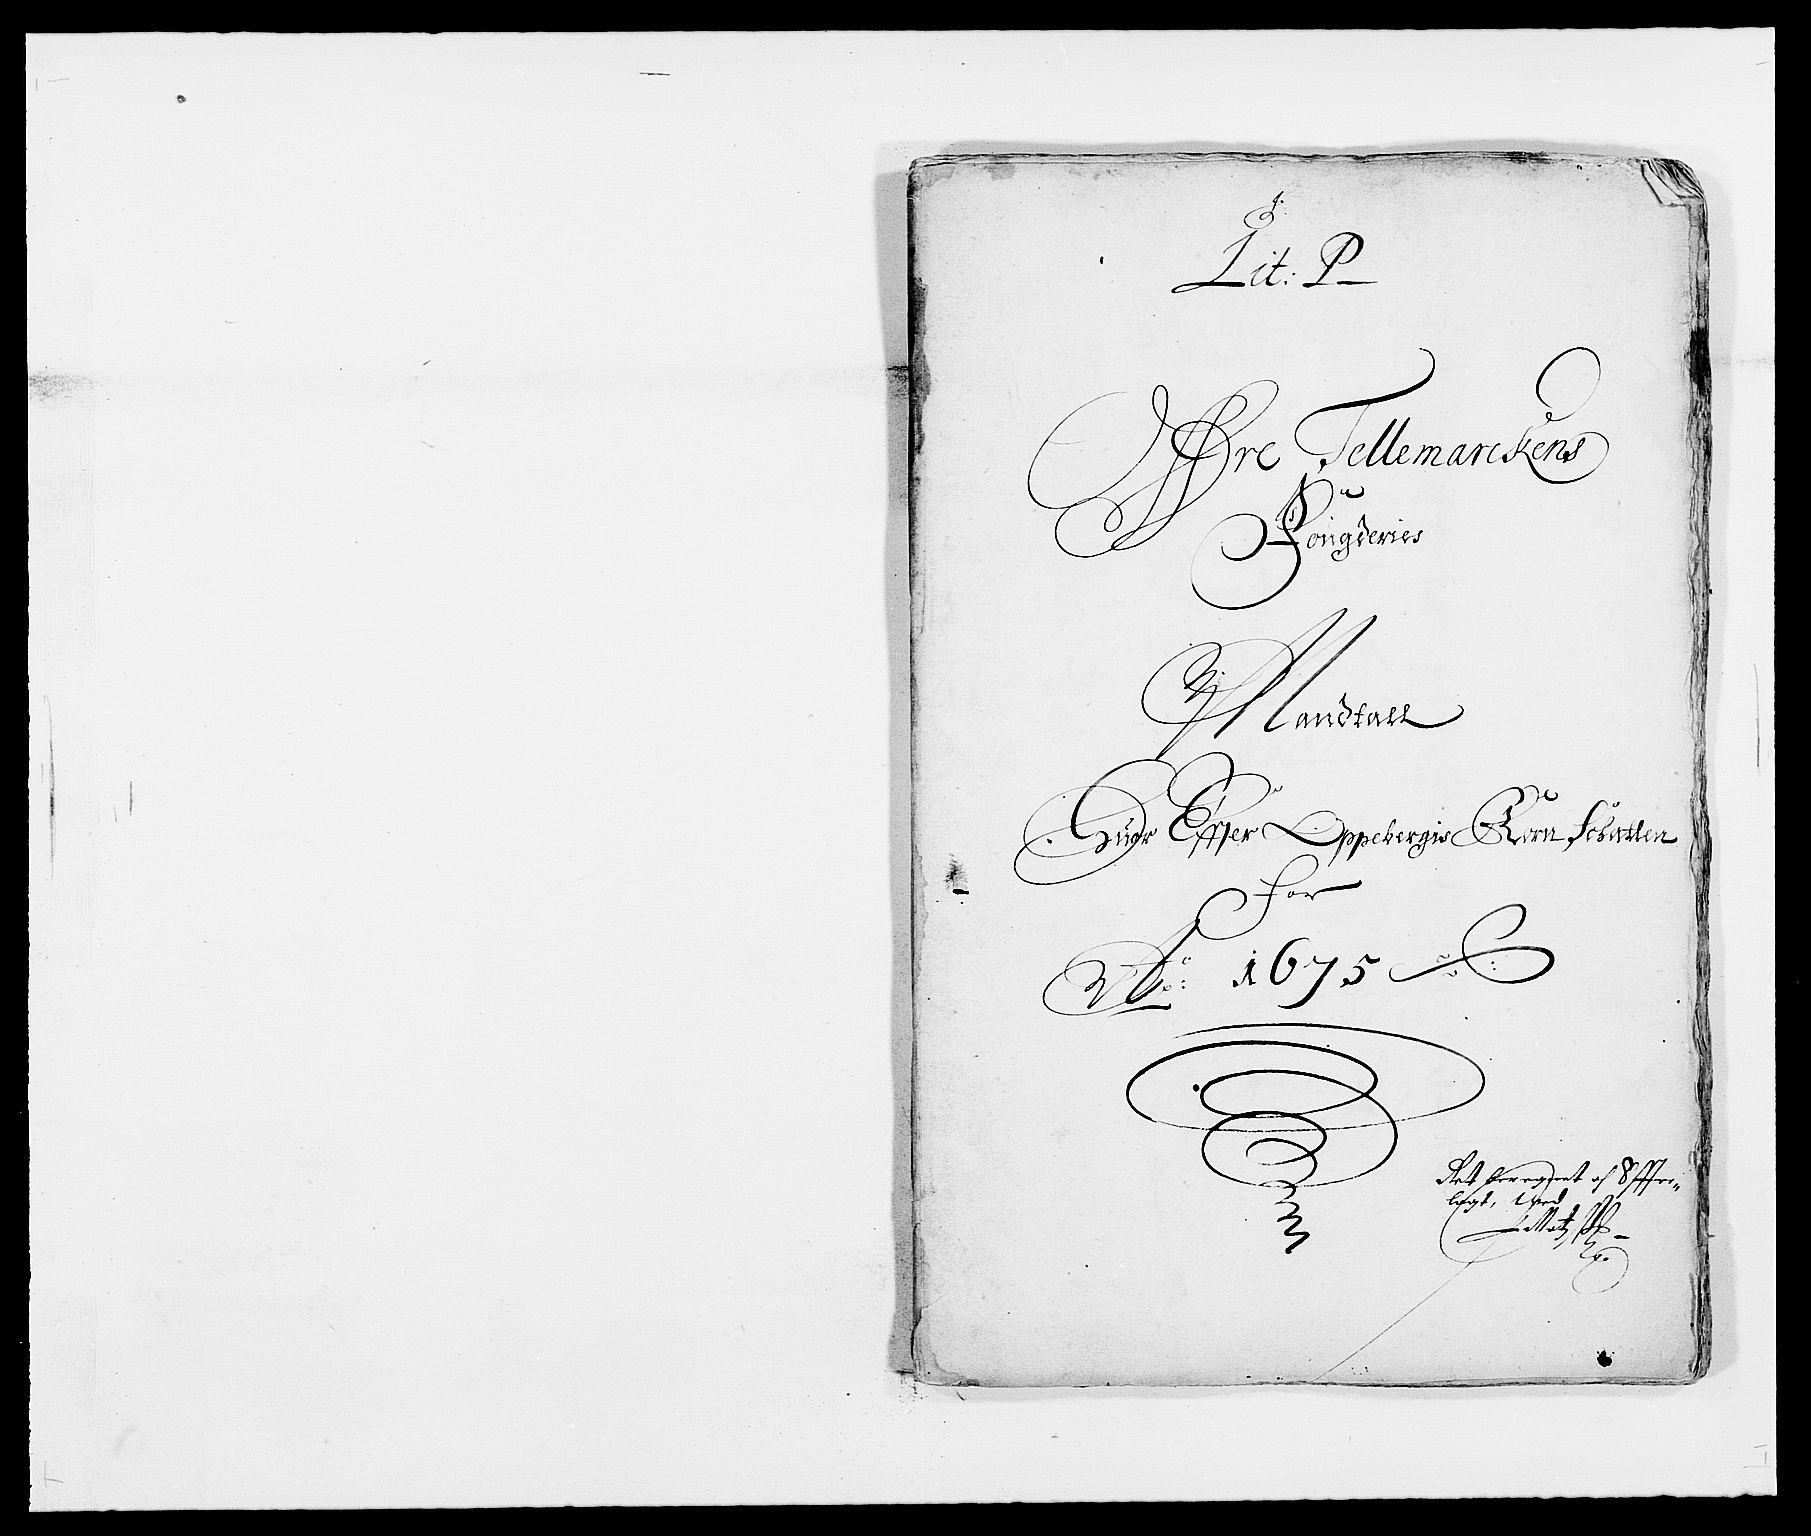 RA, Rentekammeret inntil 1814, Reviderte regnskaper, Fogderegnskap, R35/L2064: Fogderegnskap Øvre og Nedre Telemark, 1675, s. 119